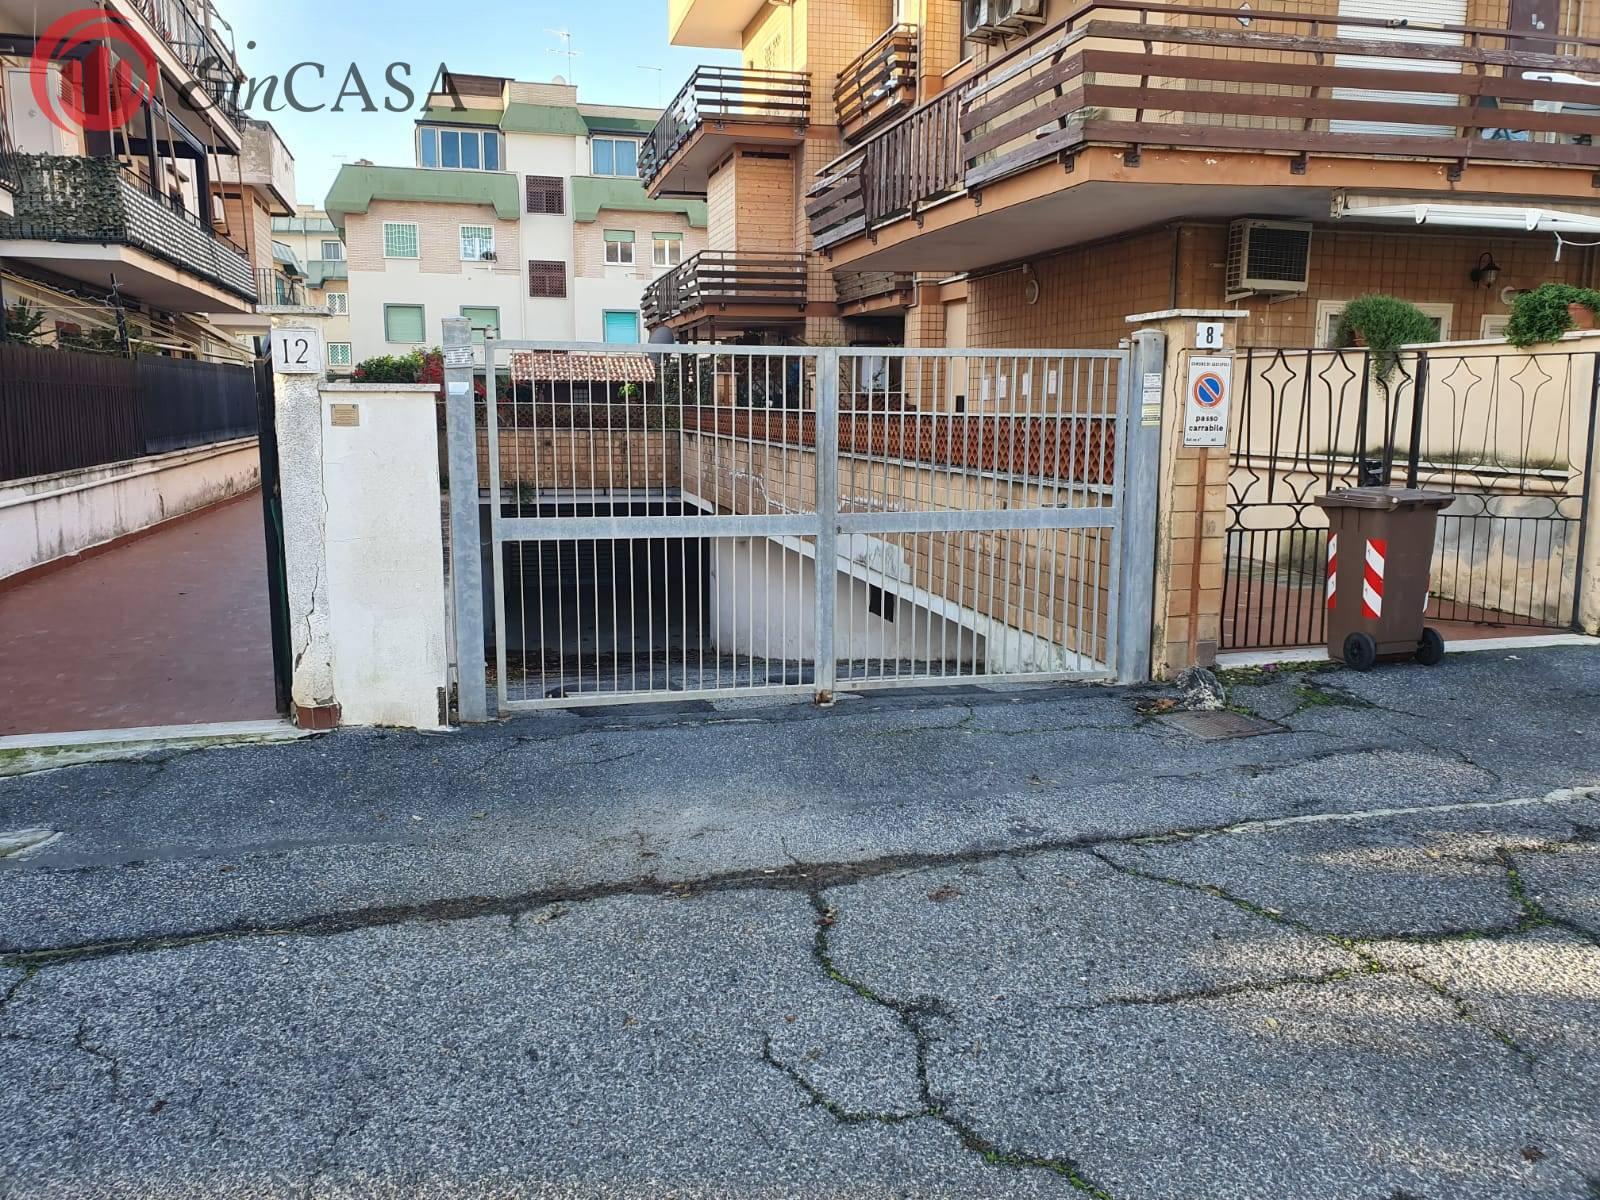 Box / Garage in vendita a Ladispoli, 1 locali, zona Località: ladispolipalo, prezzo € 10.000   CambioCasa.it